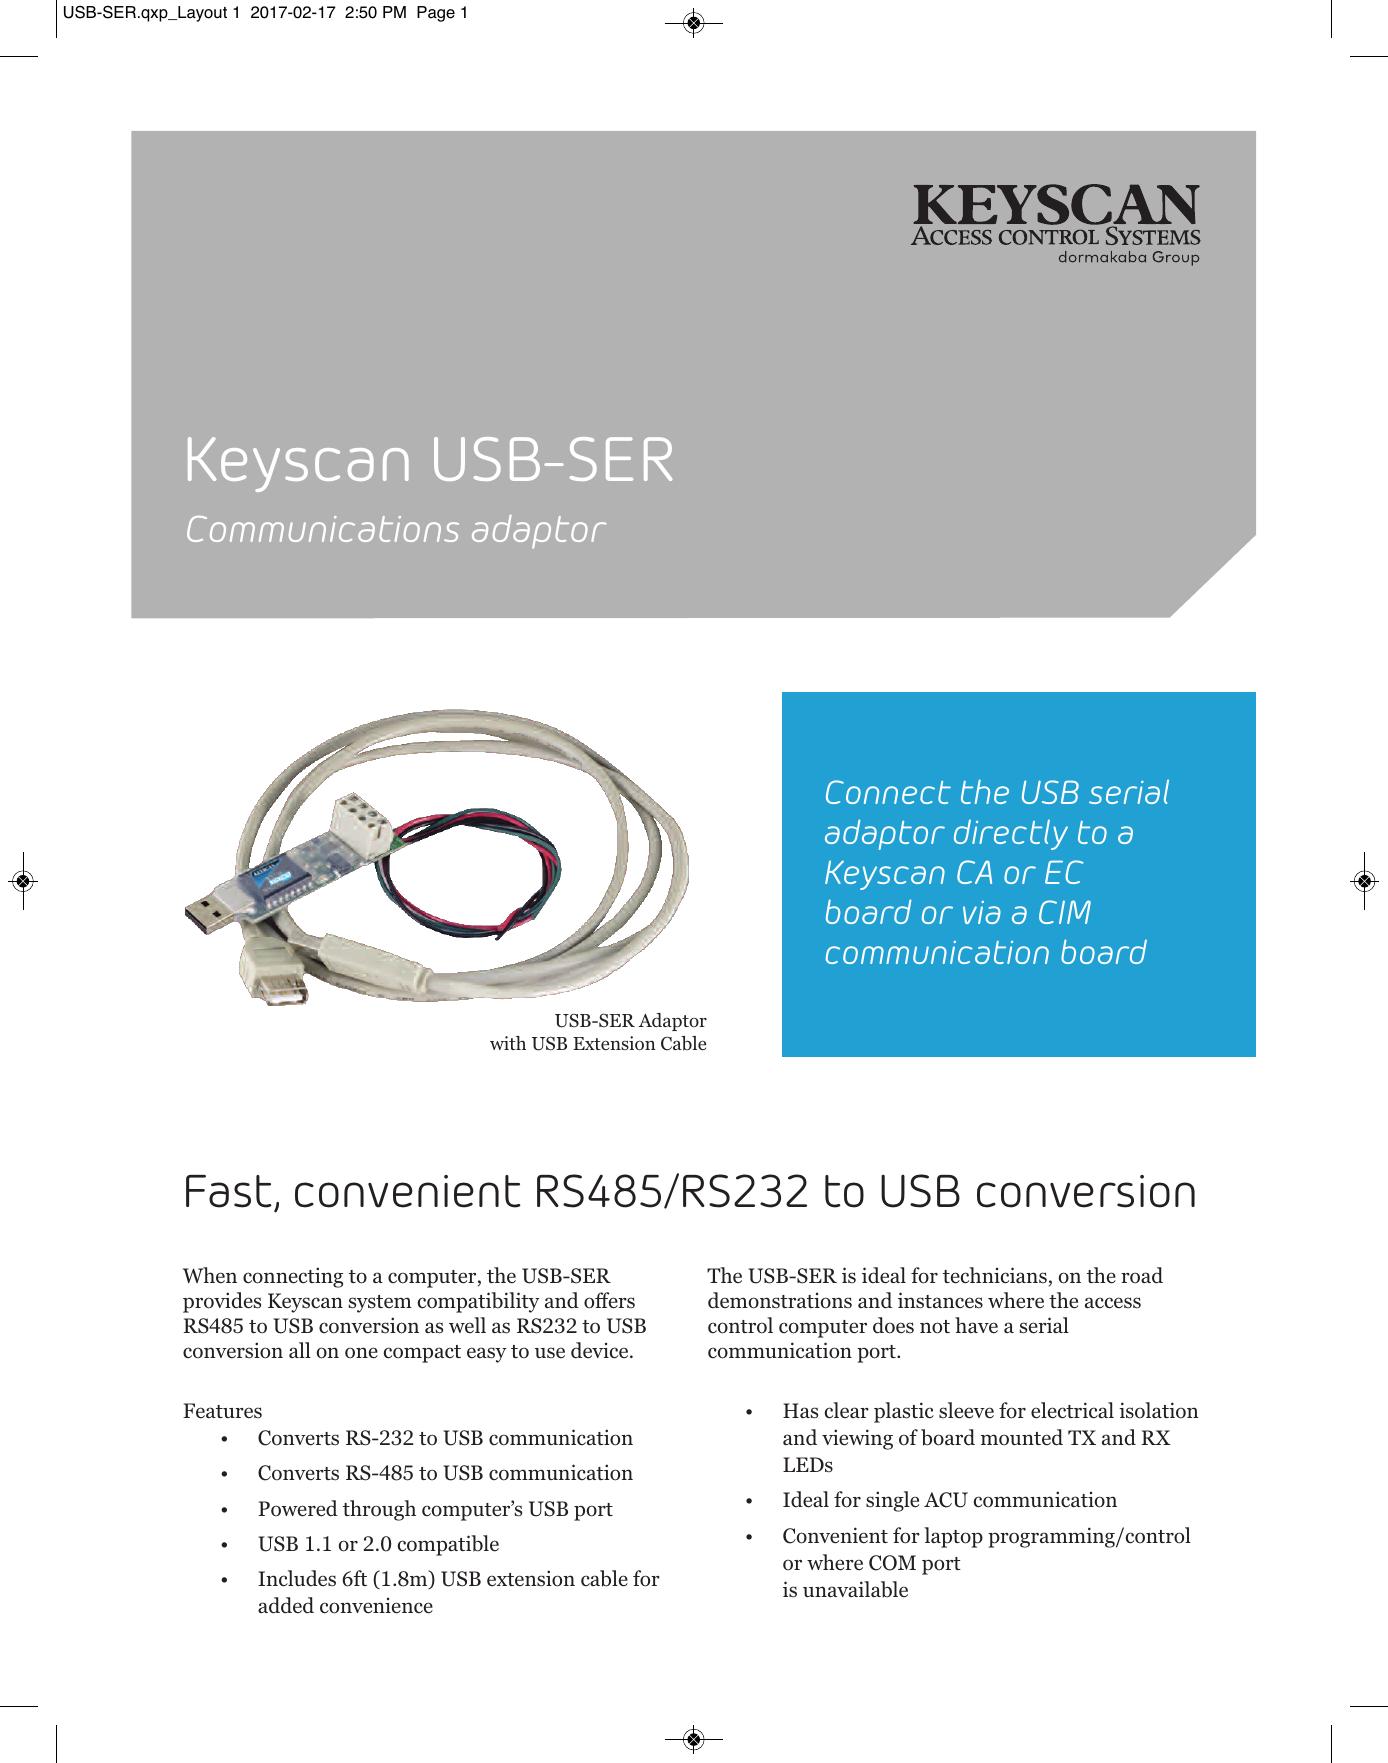 Keyscan USB-SER - Keyscan Access Control Systems | manualzz com